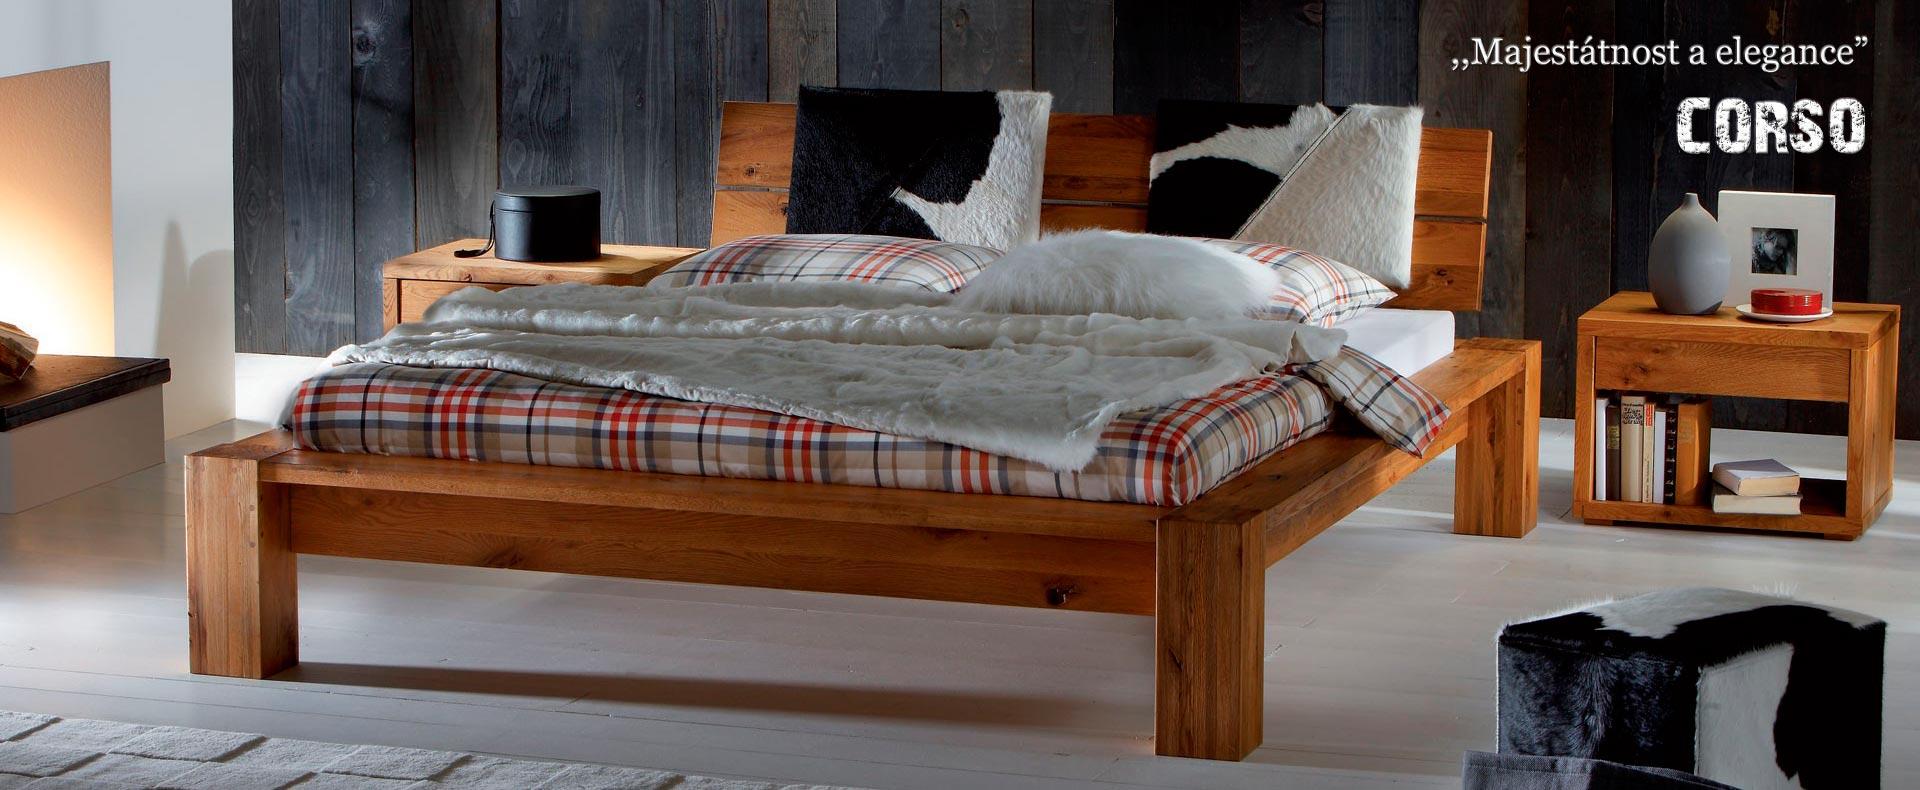 Kvalitní a luxusní postel z masivu od firmy ECLISSI model CORSO.